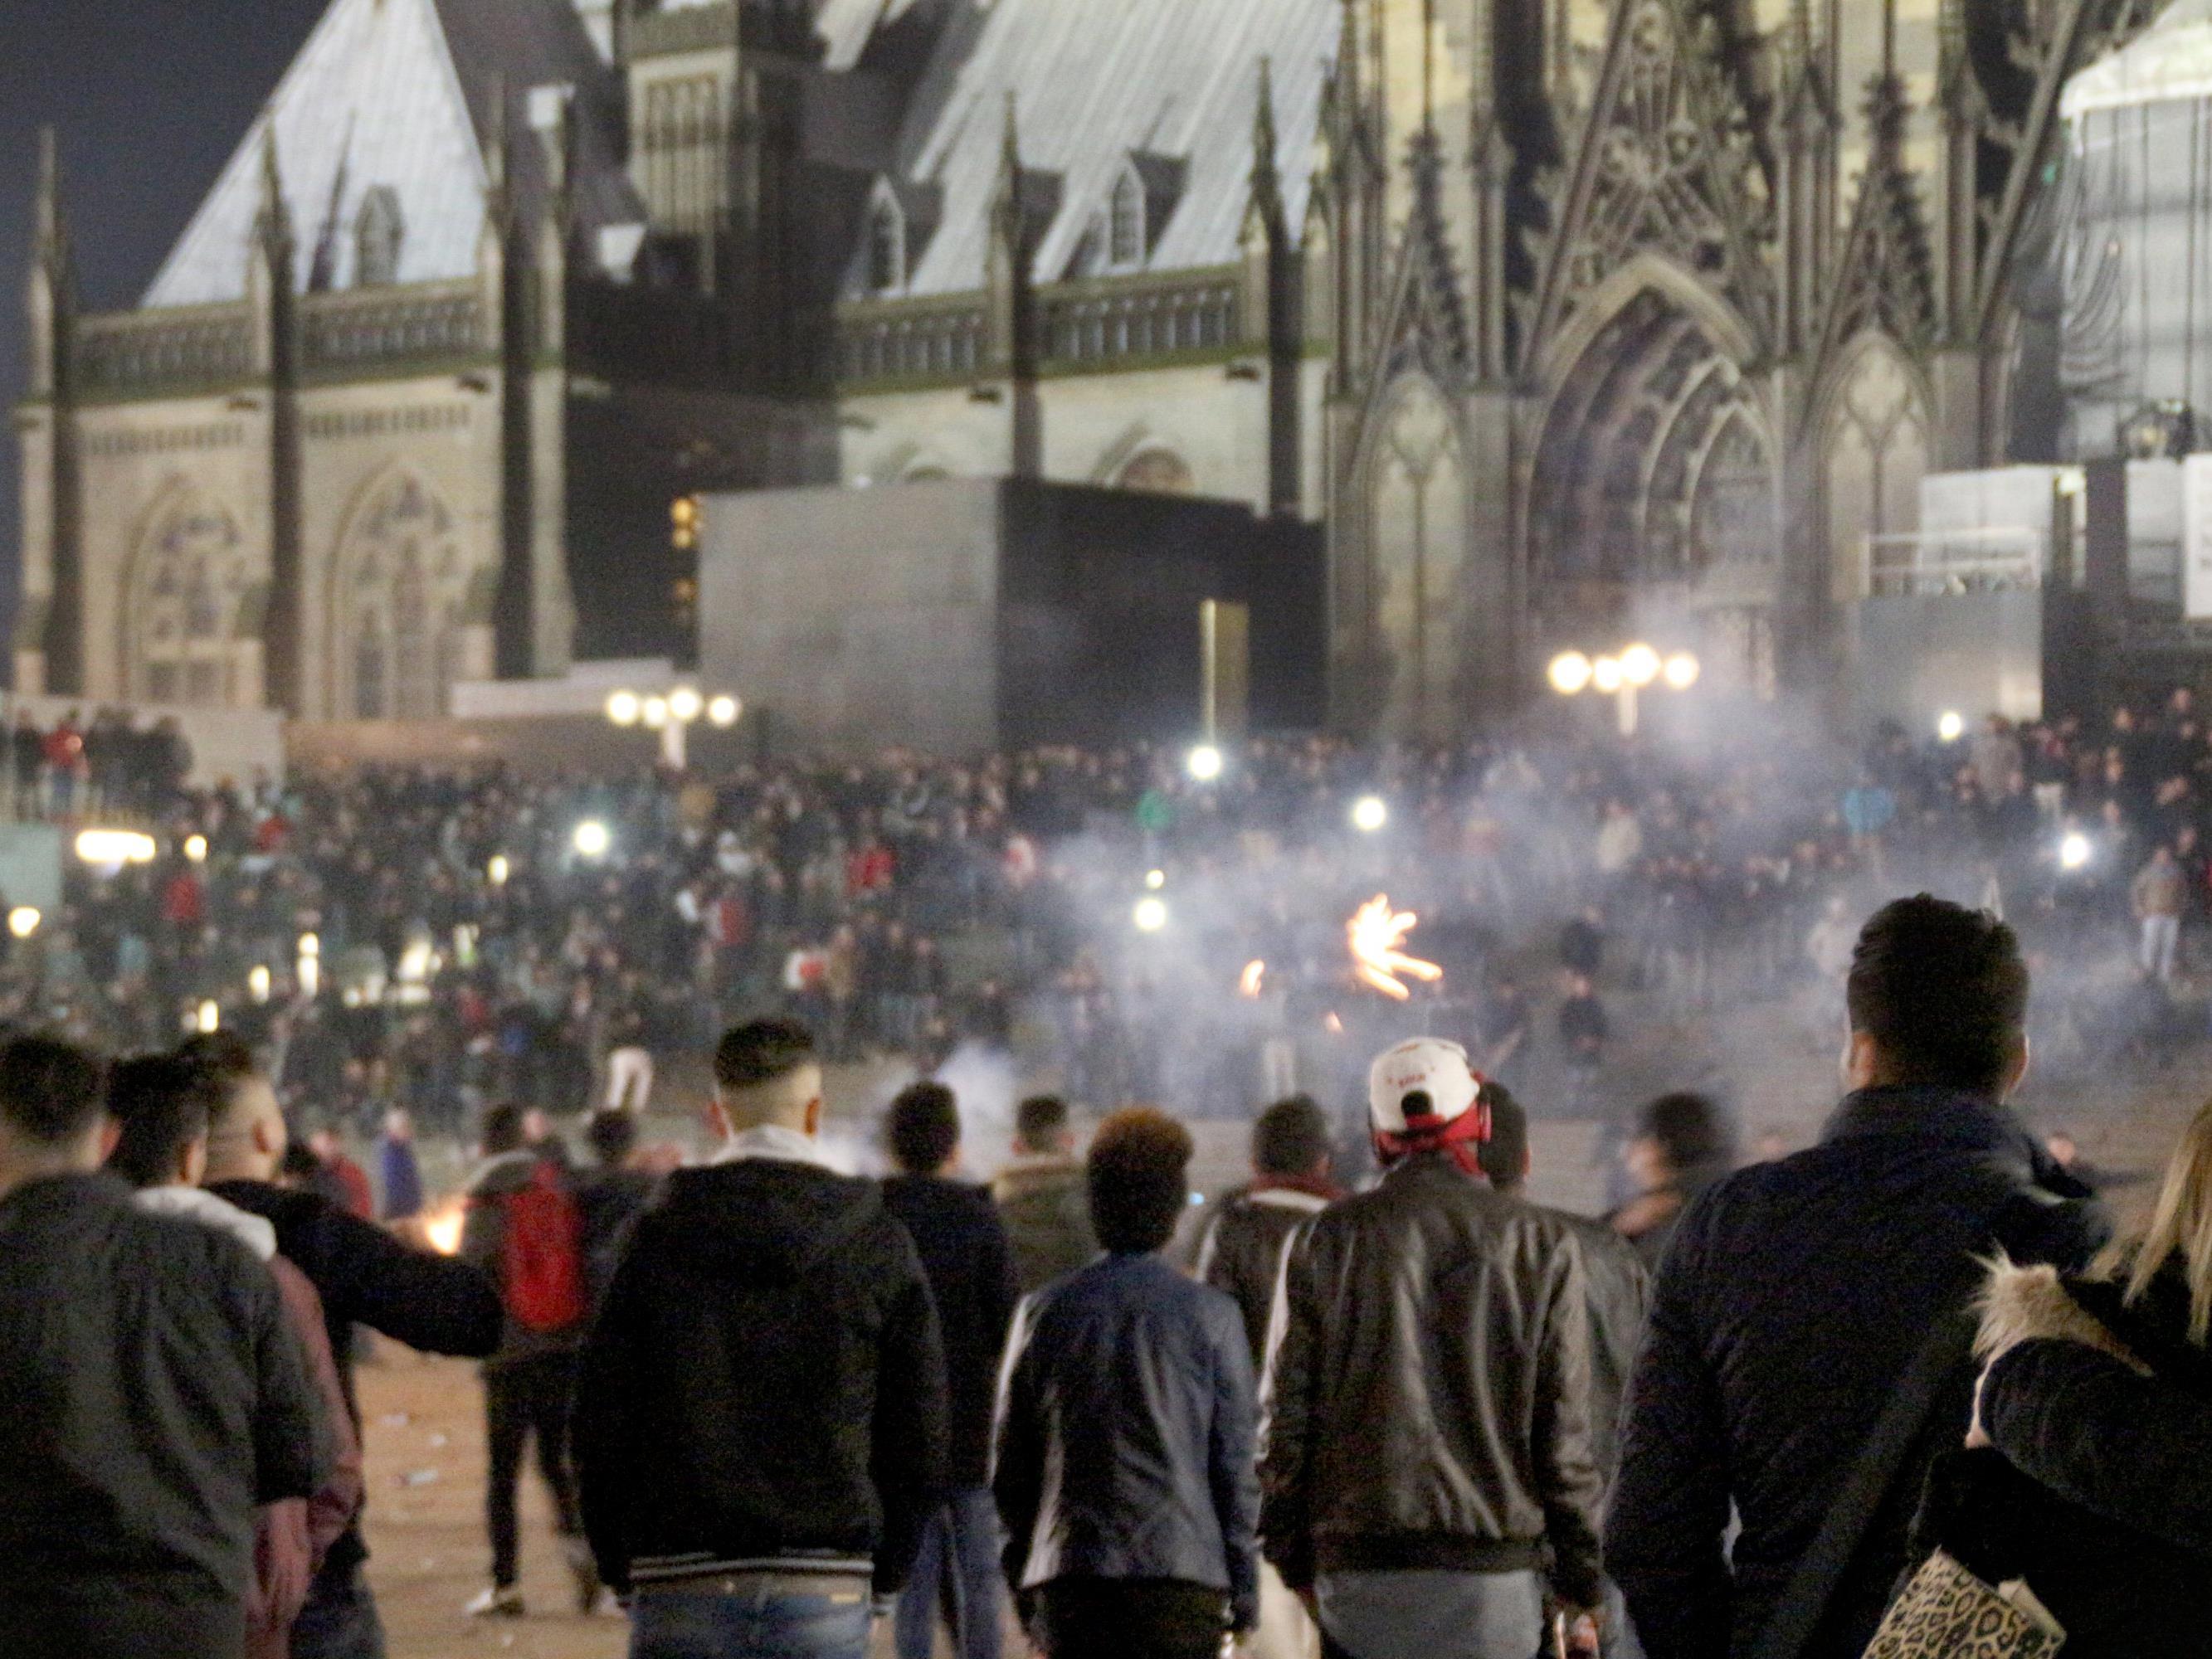 NRW-Innenministerium wies Vorwürfe zurück - CDU fordert Rücktritt von Innenminister Jäger.